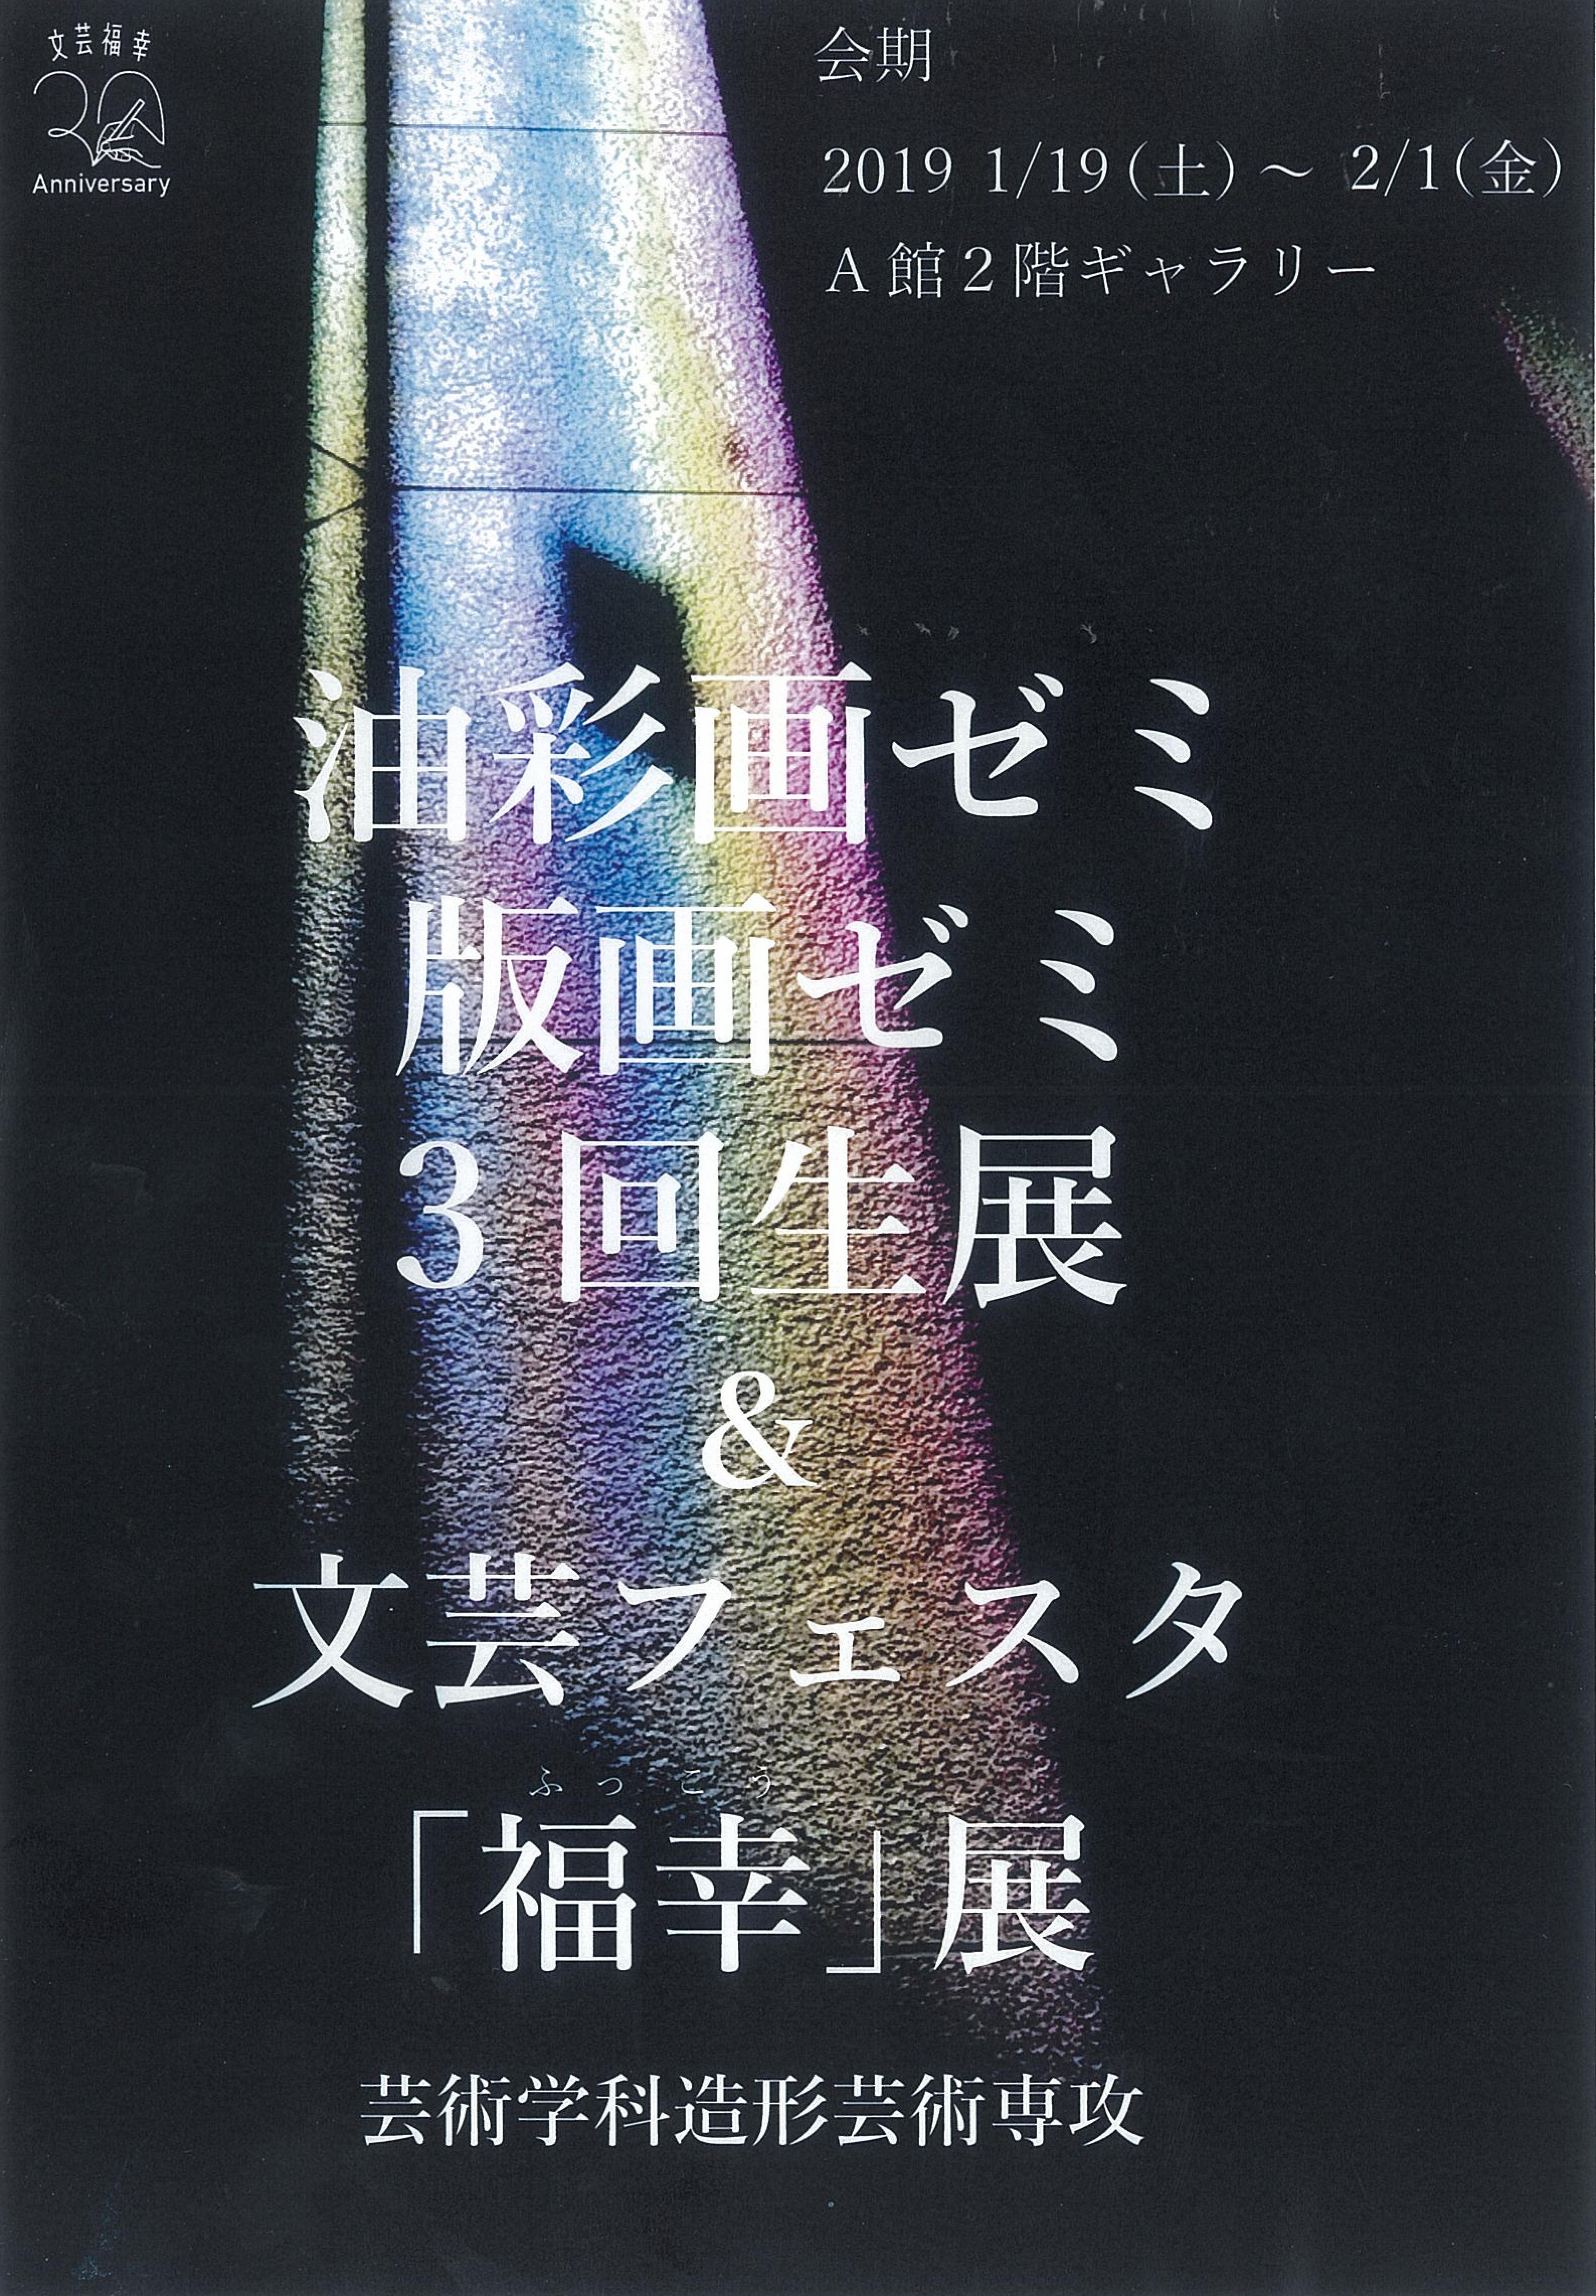 文芸フェスタ3回生展.png